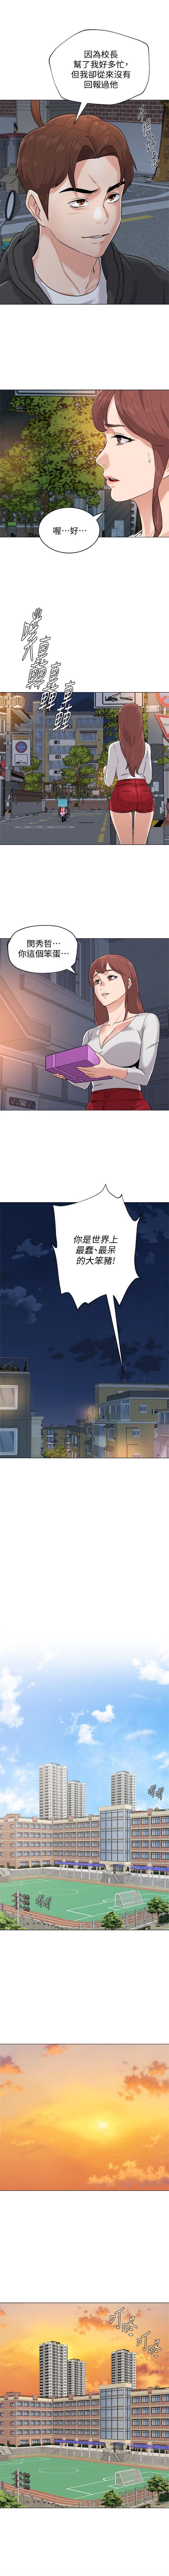 老師 1-80 官方中文(連載中) 585